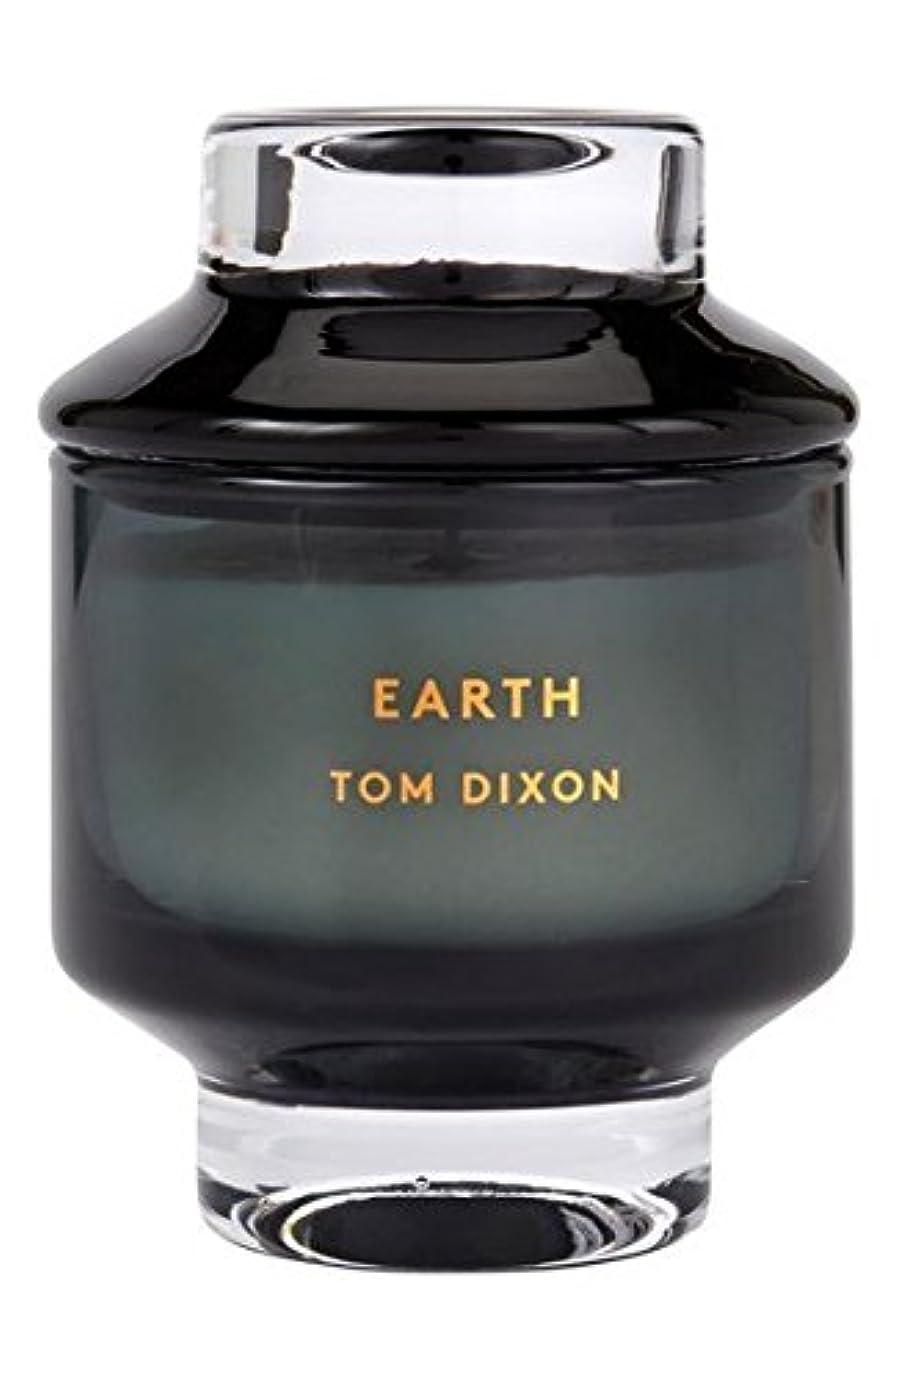 広範囲にランドマーク透けて見えるTom Dixon 'Earth' Candle (トム ディクソン 'アース' キャンドル中)Midium